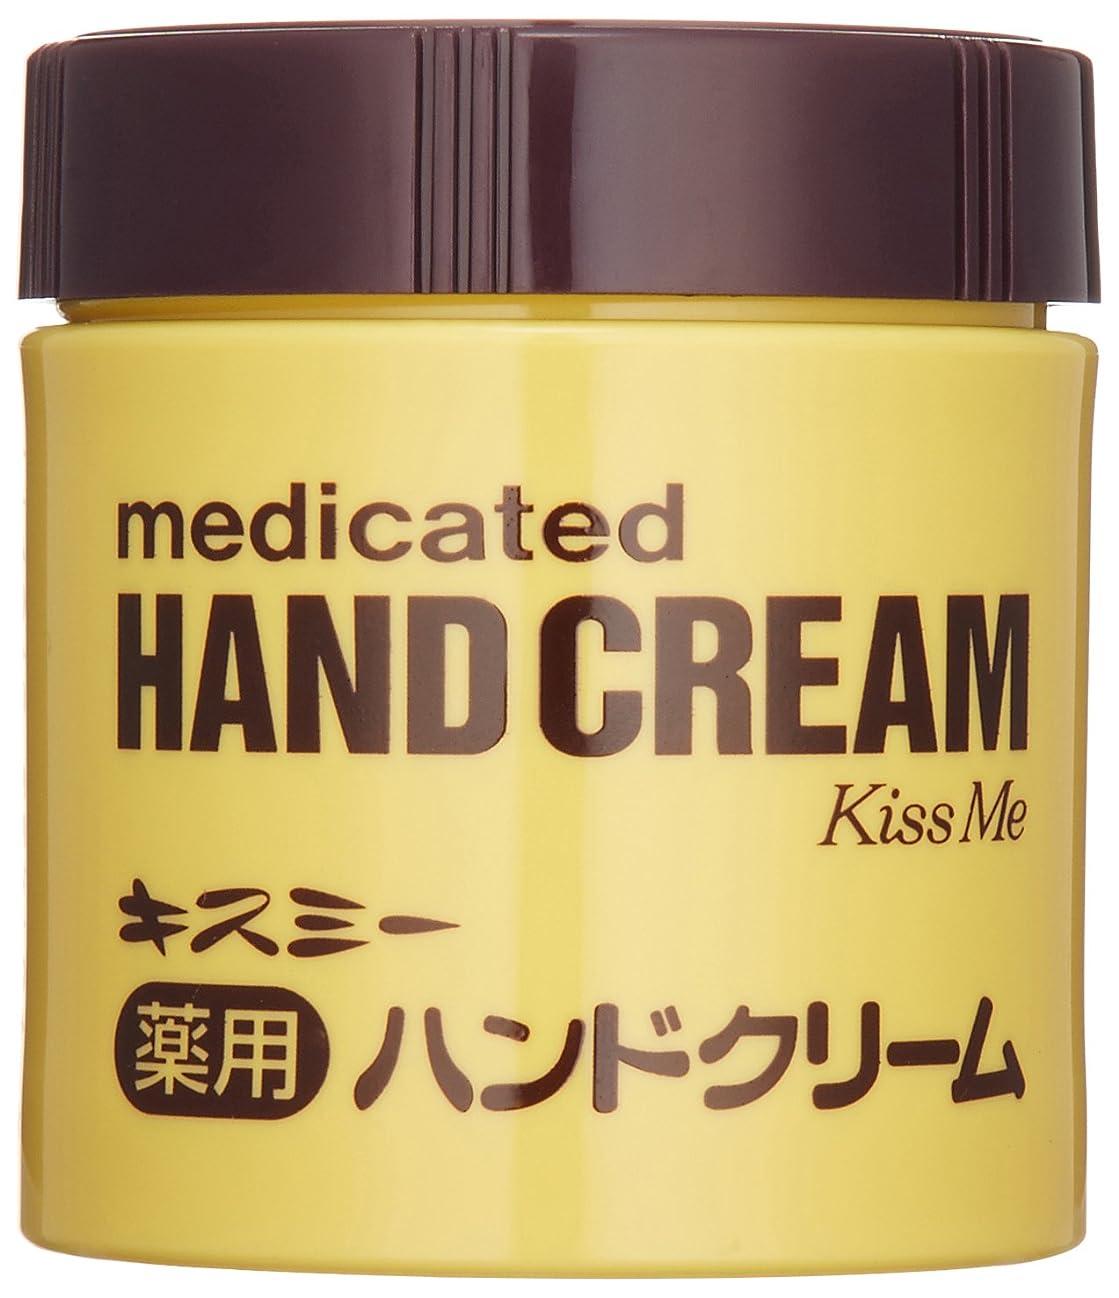 唯一カード熟達したキスミー薬用ハンドクリーム 75g ボトル